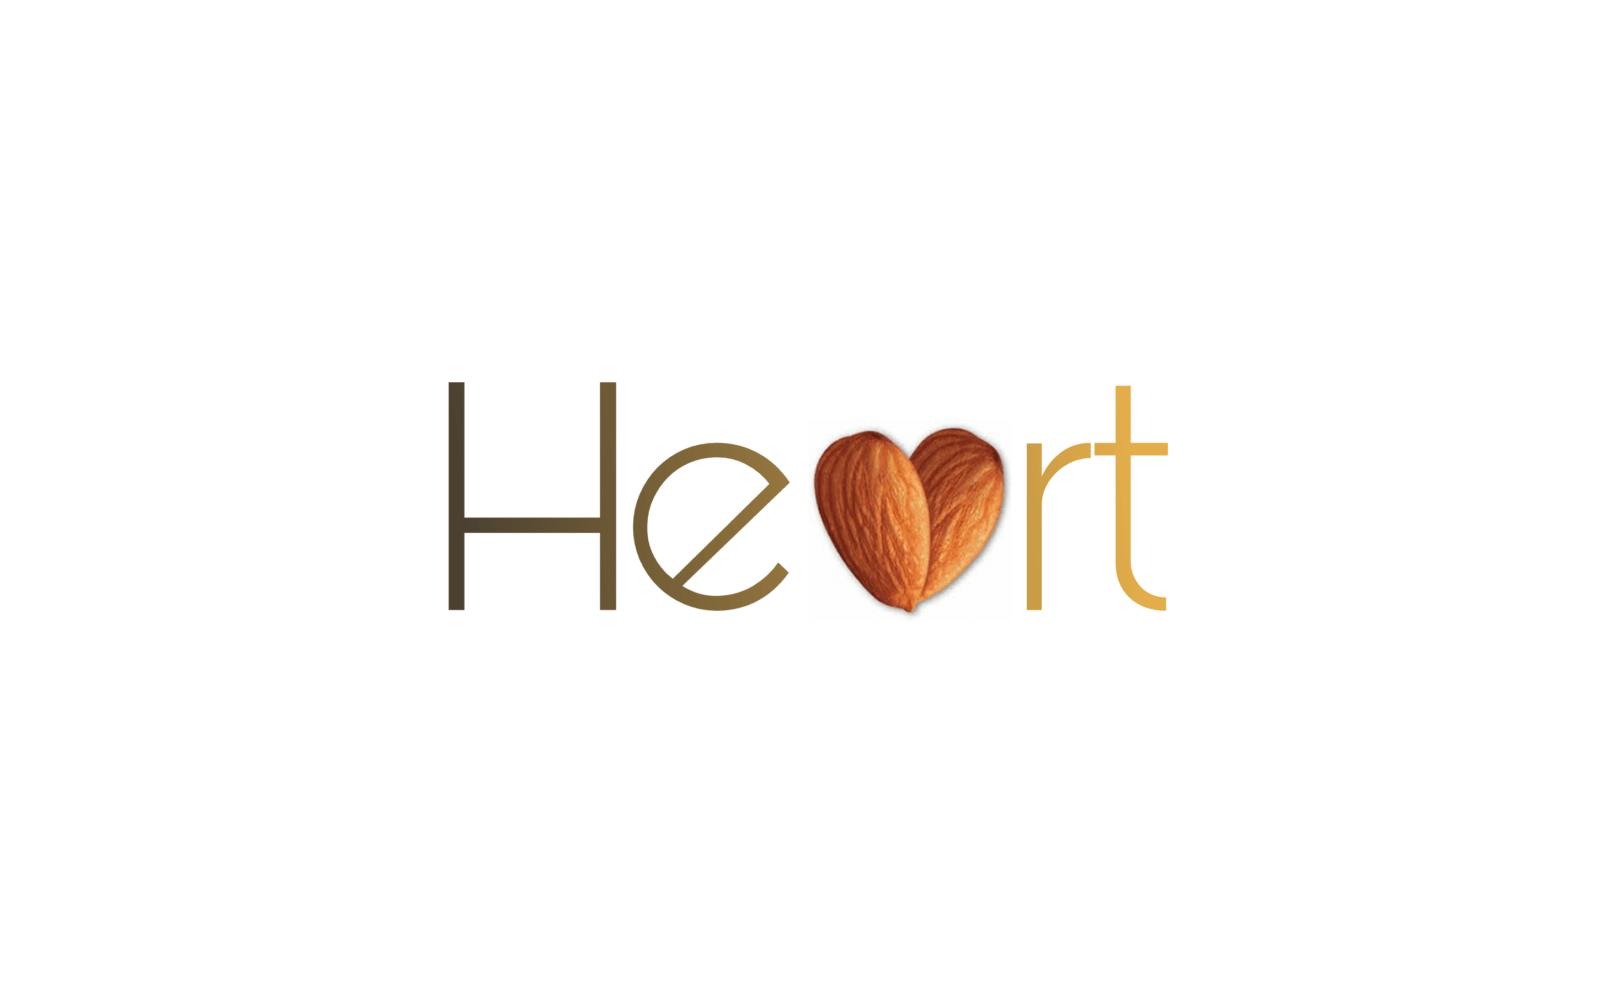 Κάνε την καρδιά σου να χτυπάει δυνατά!